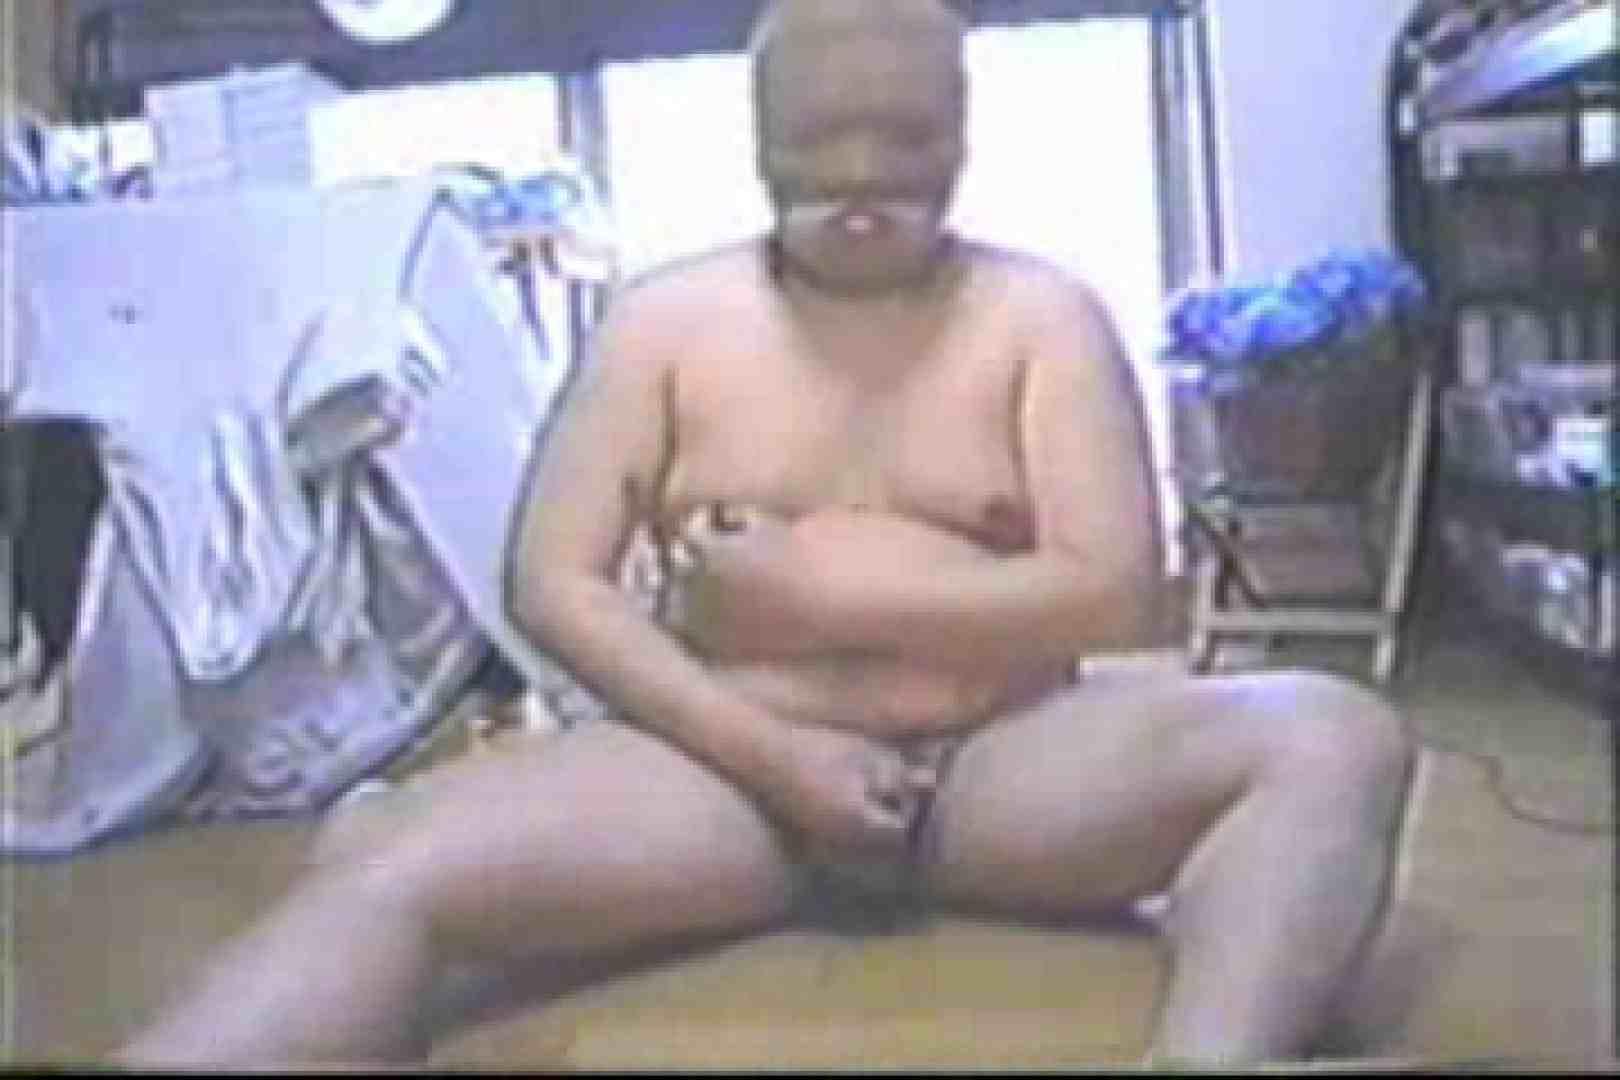 【実録】パンスト仮面は真性包茎!!Hなぽっちゃりカップル 素人 ペニス画像 82画像 32